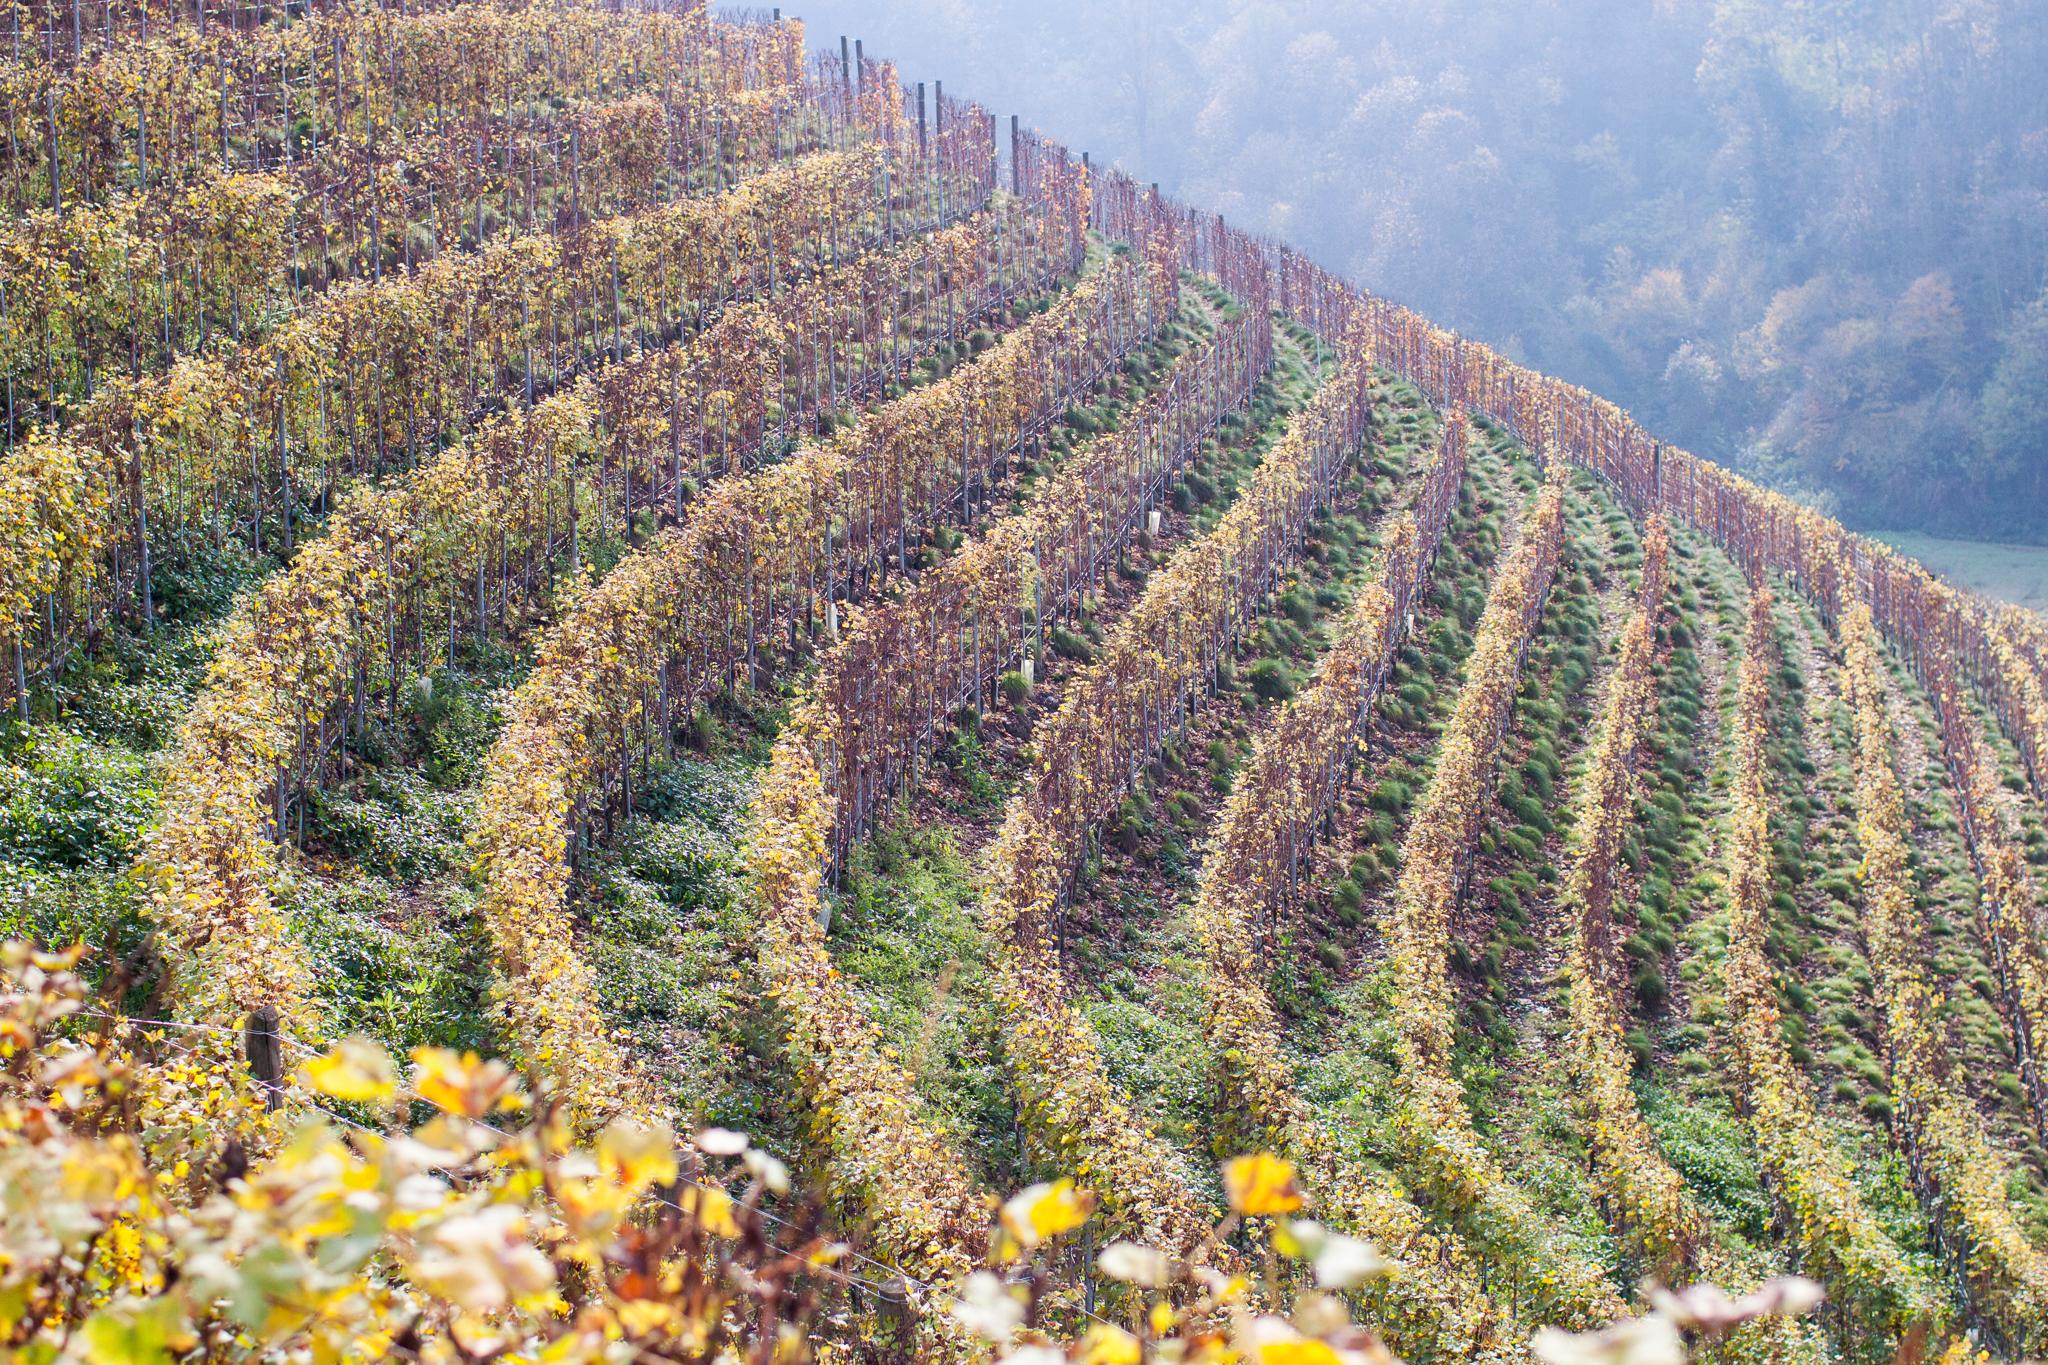 Valmaggiore i november, etter innhøsting